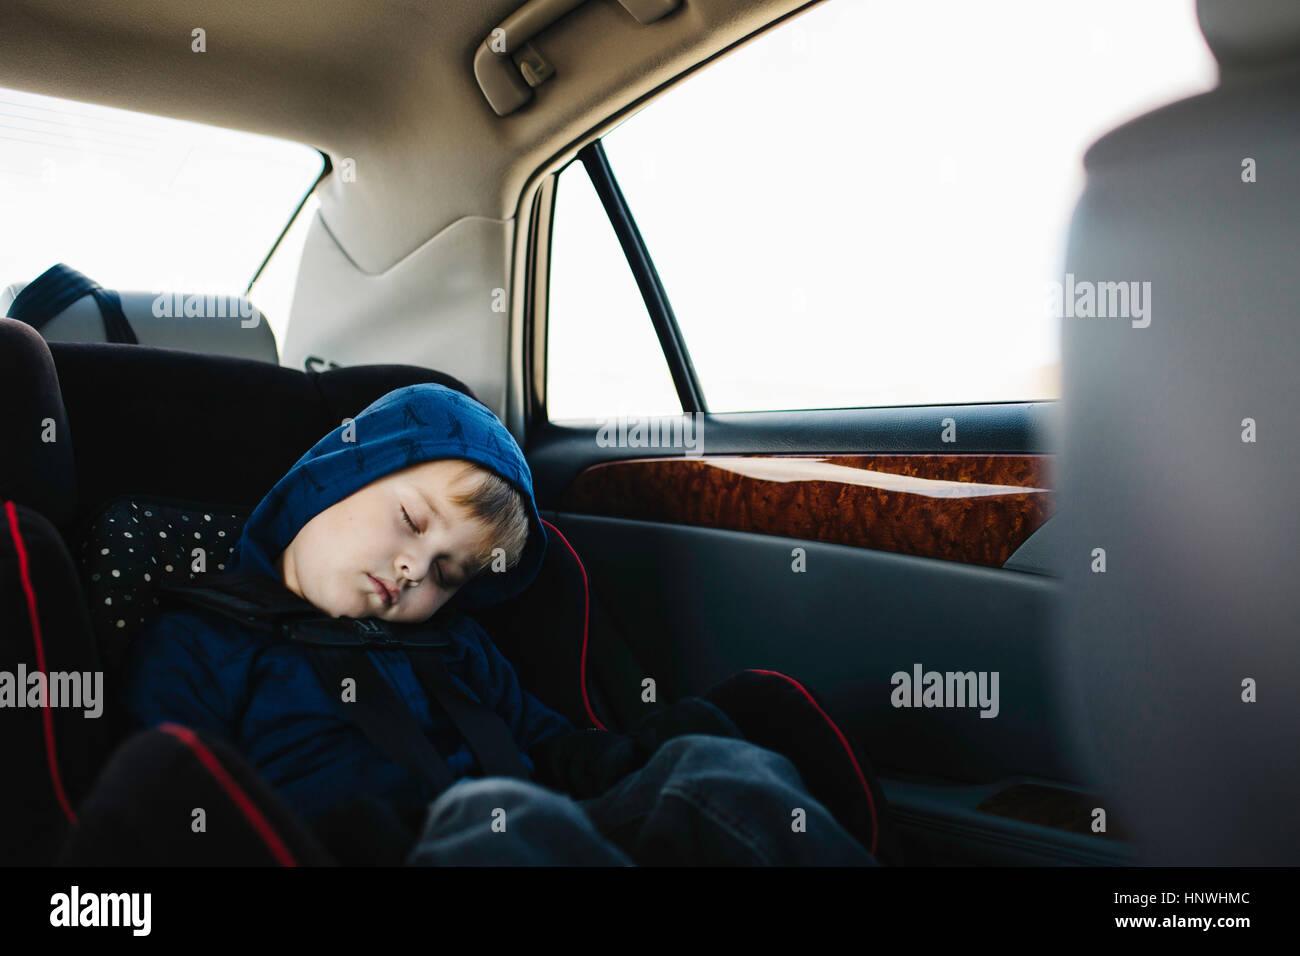 Jeune garçon endormi in back seat of car Photo Stock